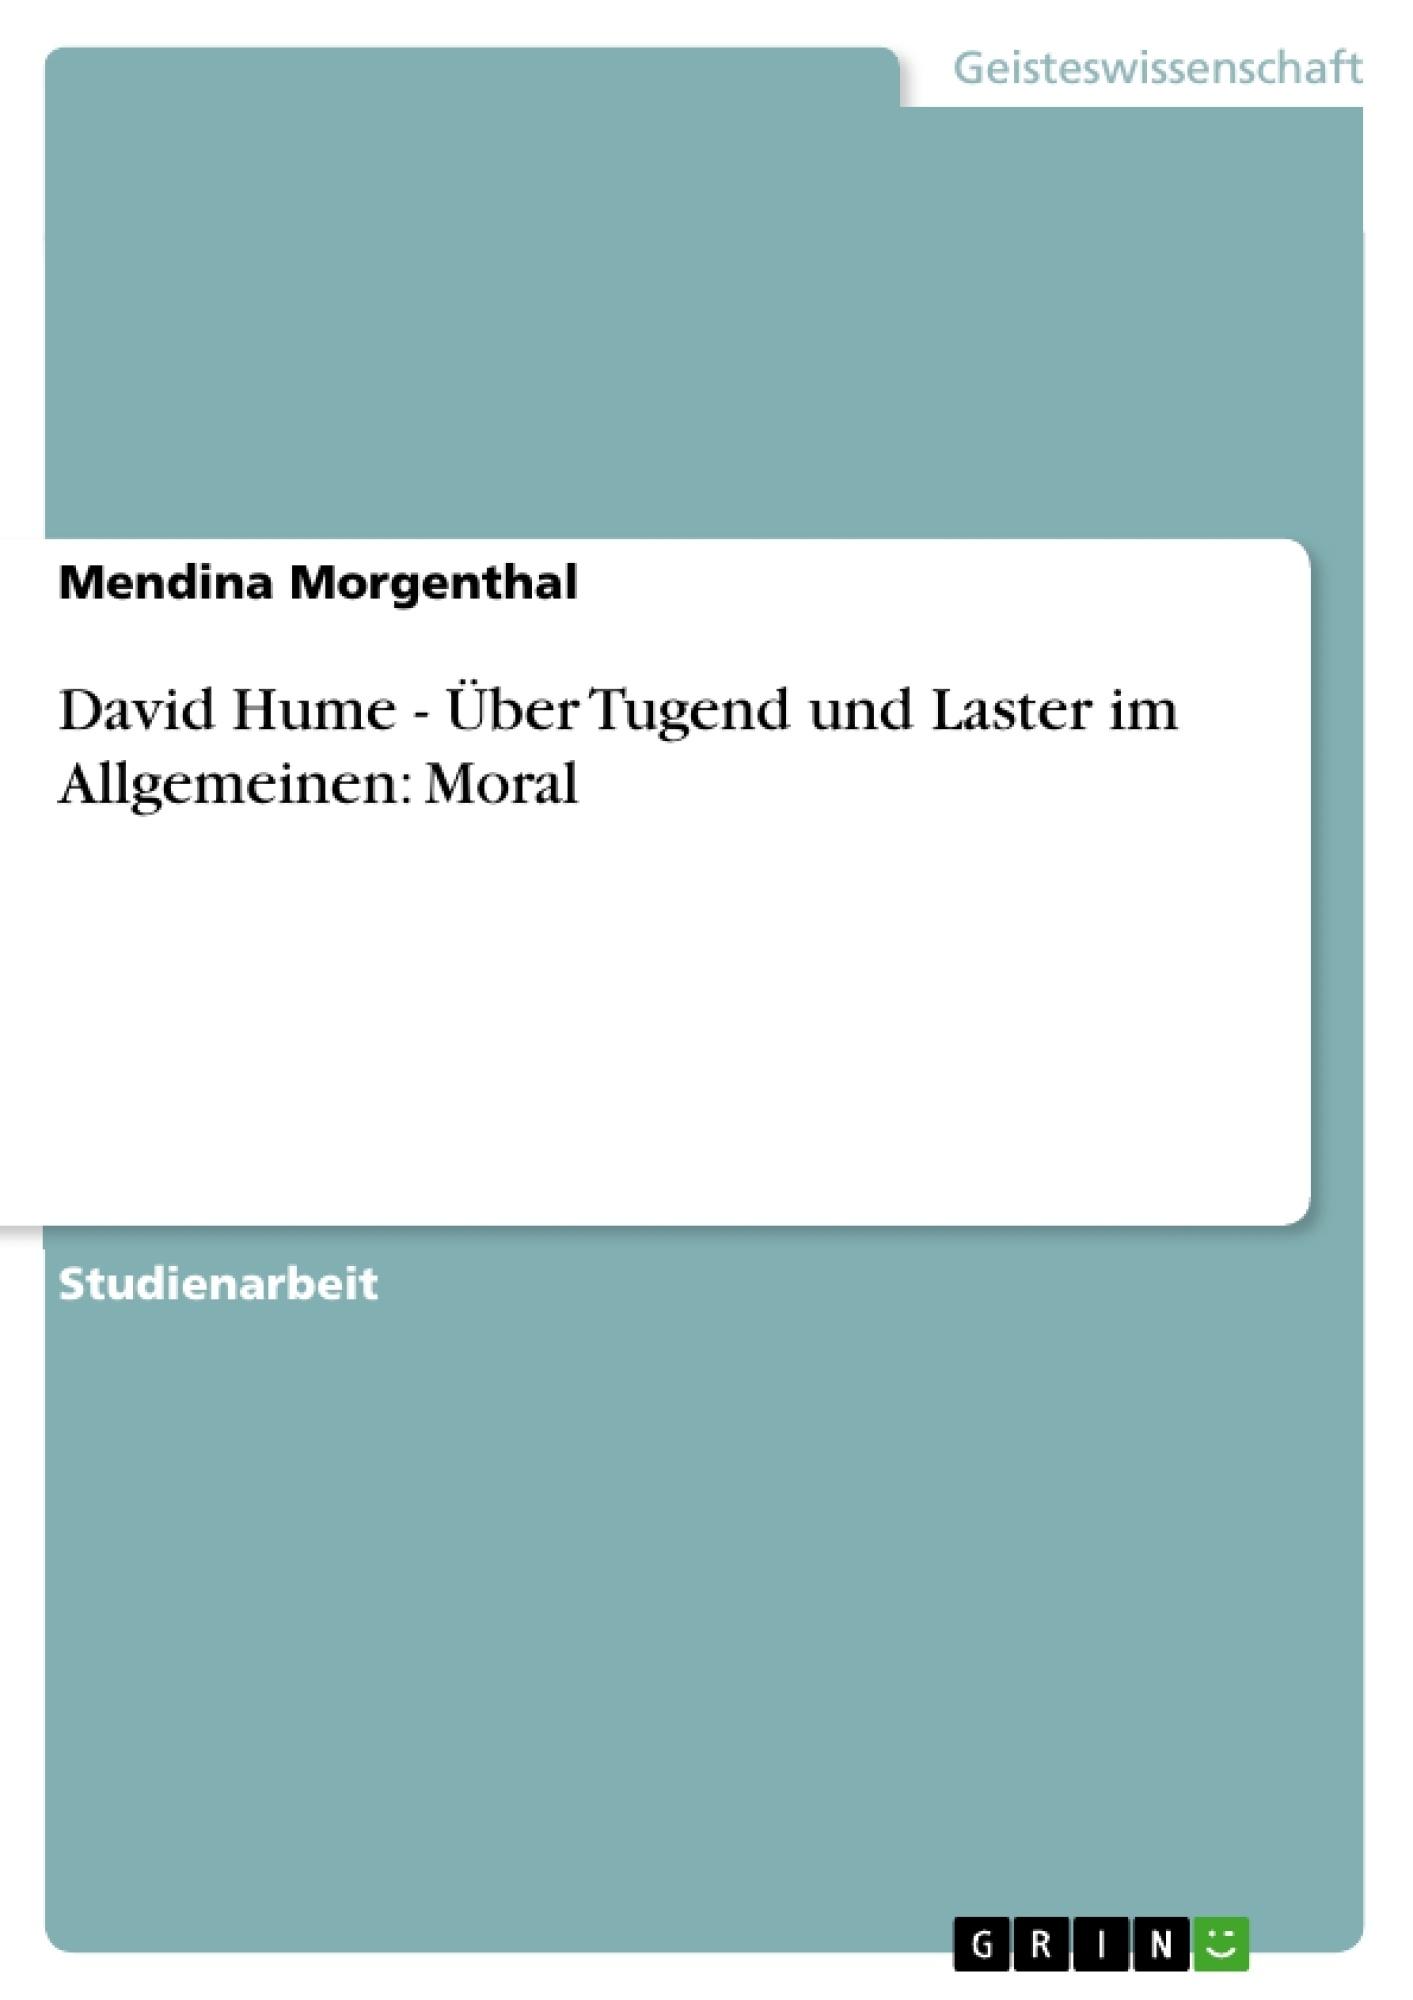 Titel: David Hume - Über Tugend und Laster im Allgemeinen: Moral